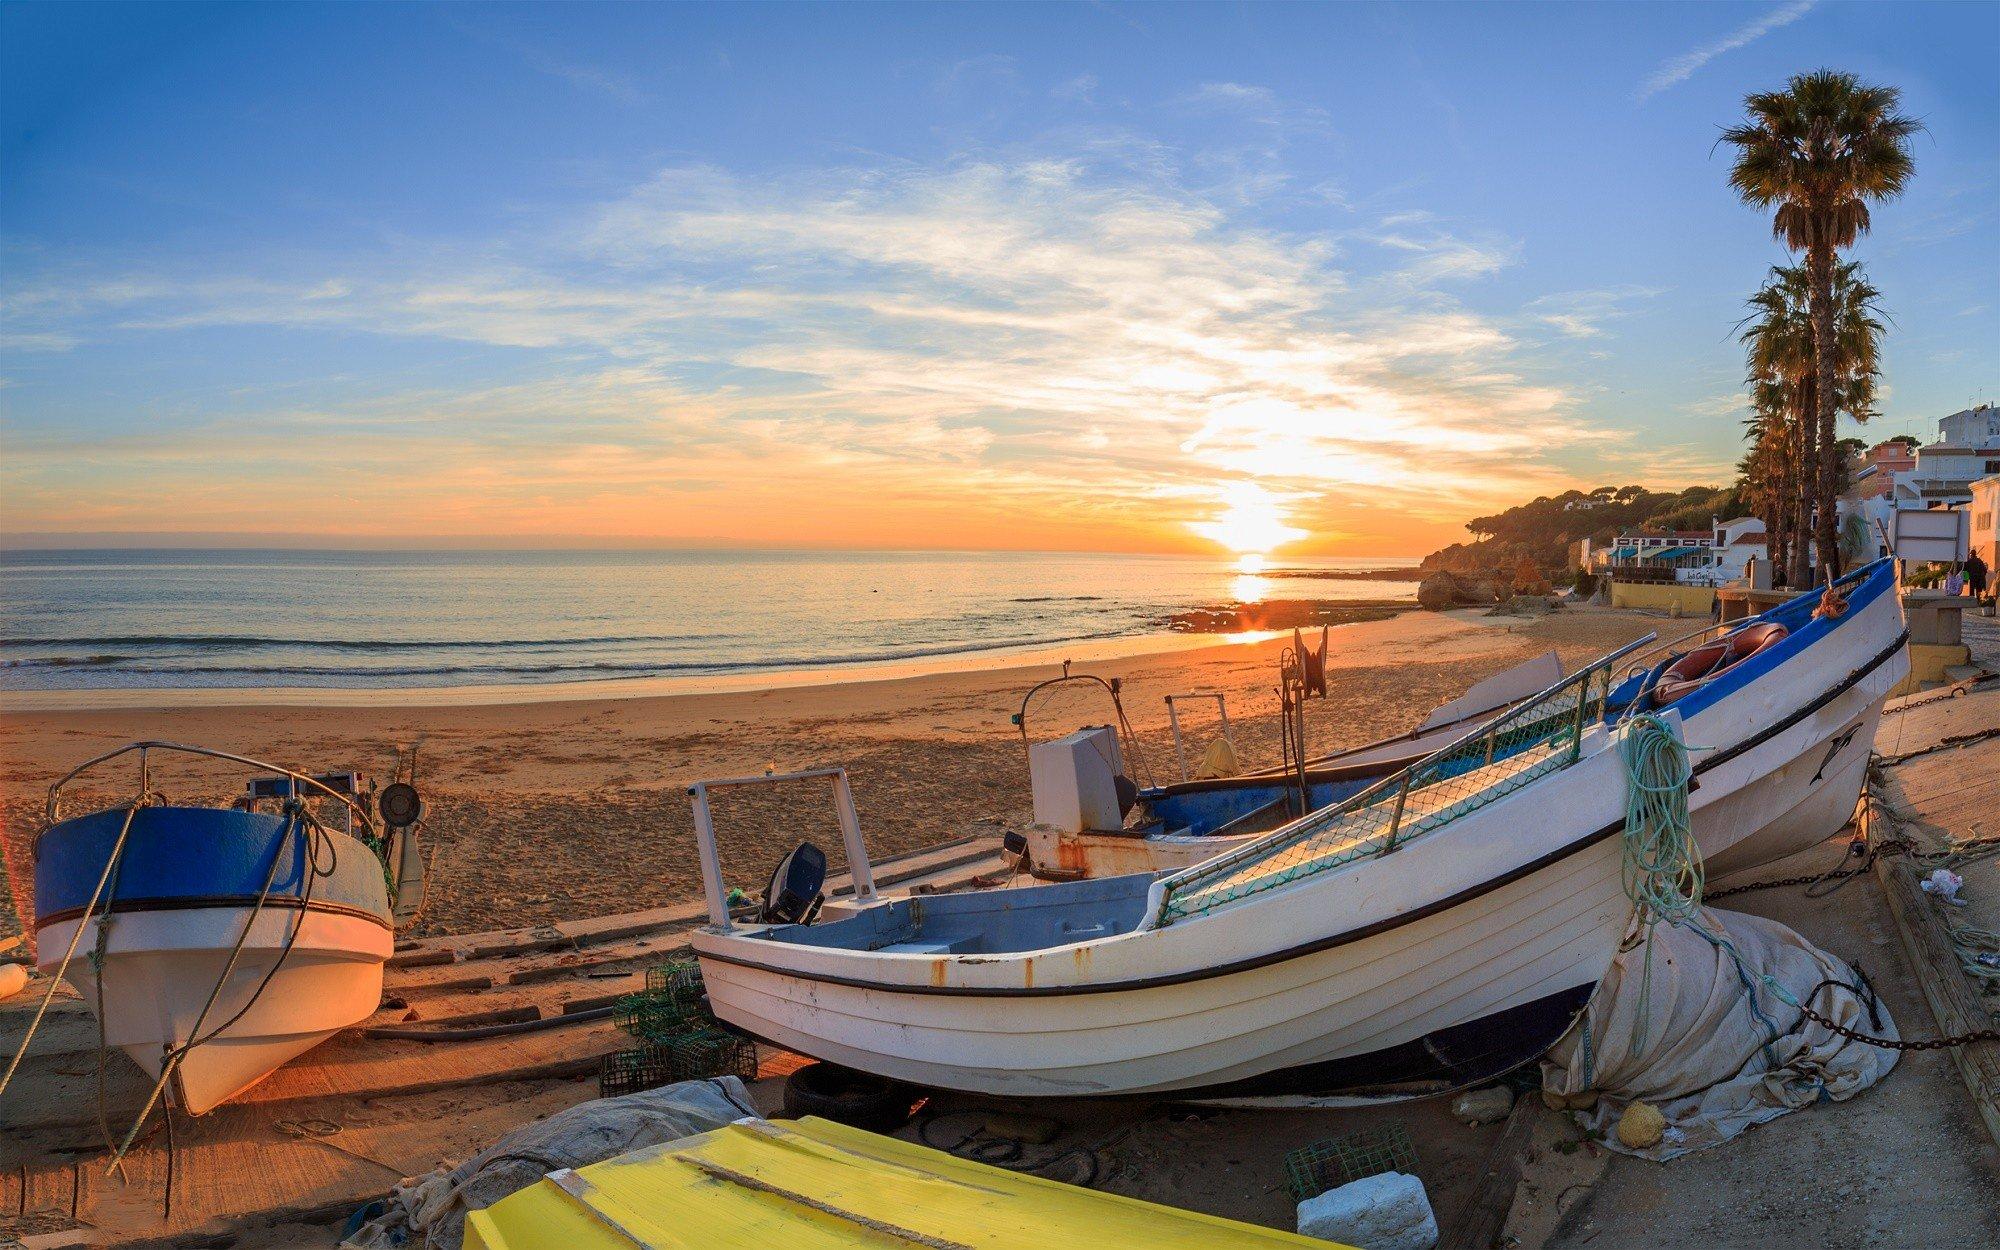 Dagaanbieding - 8- of 15-daagse vakantie naar de Portugese zon in de Algarve incl. vlucht en huurauto dagelijkse koopjes